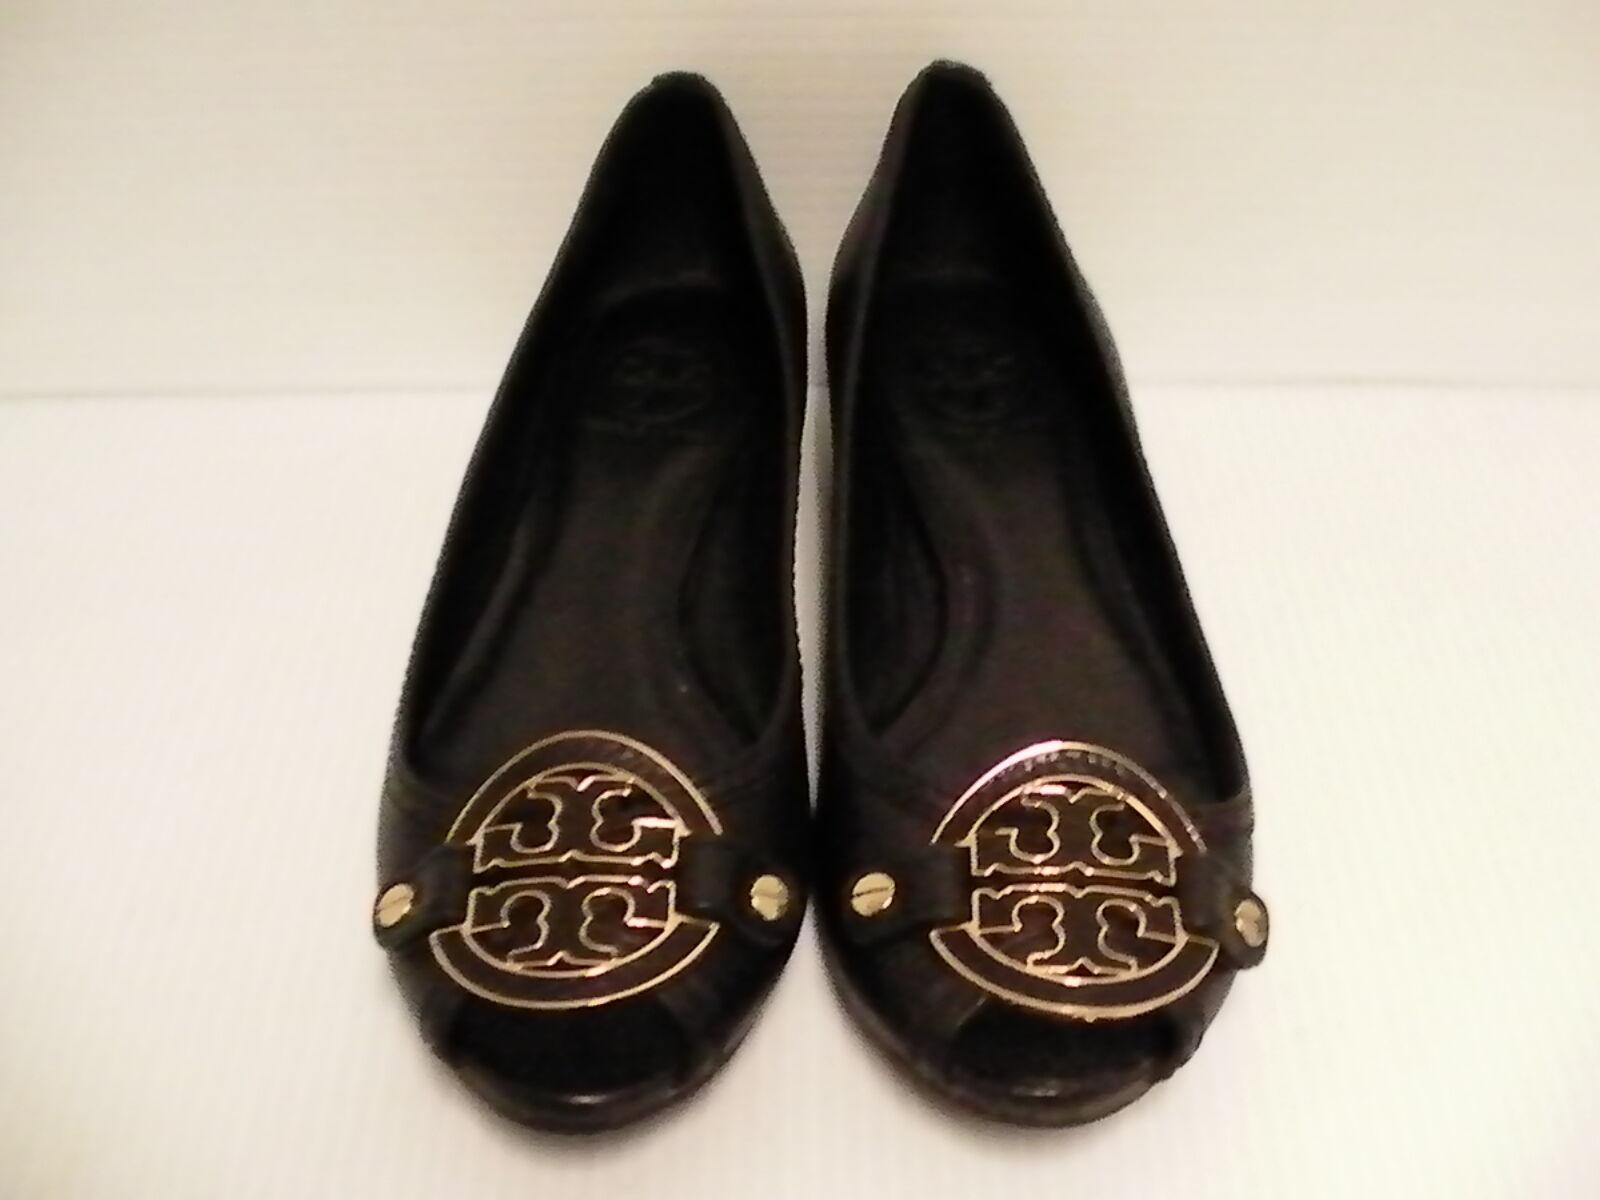 Para mujeres Zapatos AMANDA DE TORY BURCH Puntera Abierta Abierta Abierta Negros Talla 7.5  n ° 1 en línea